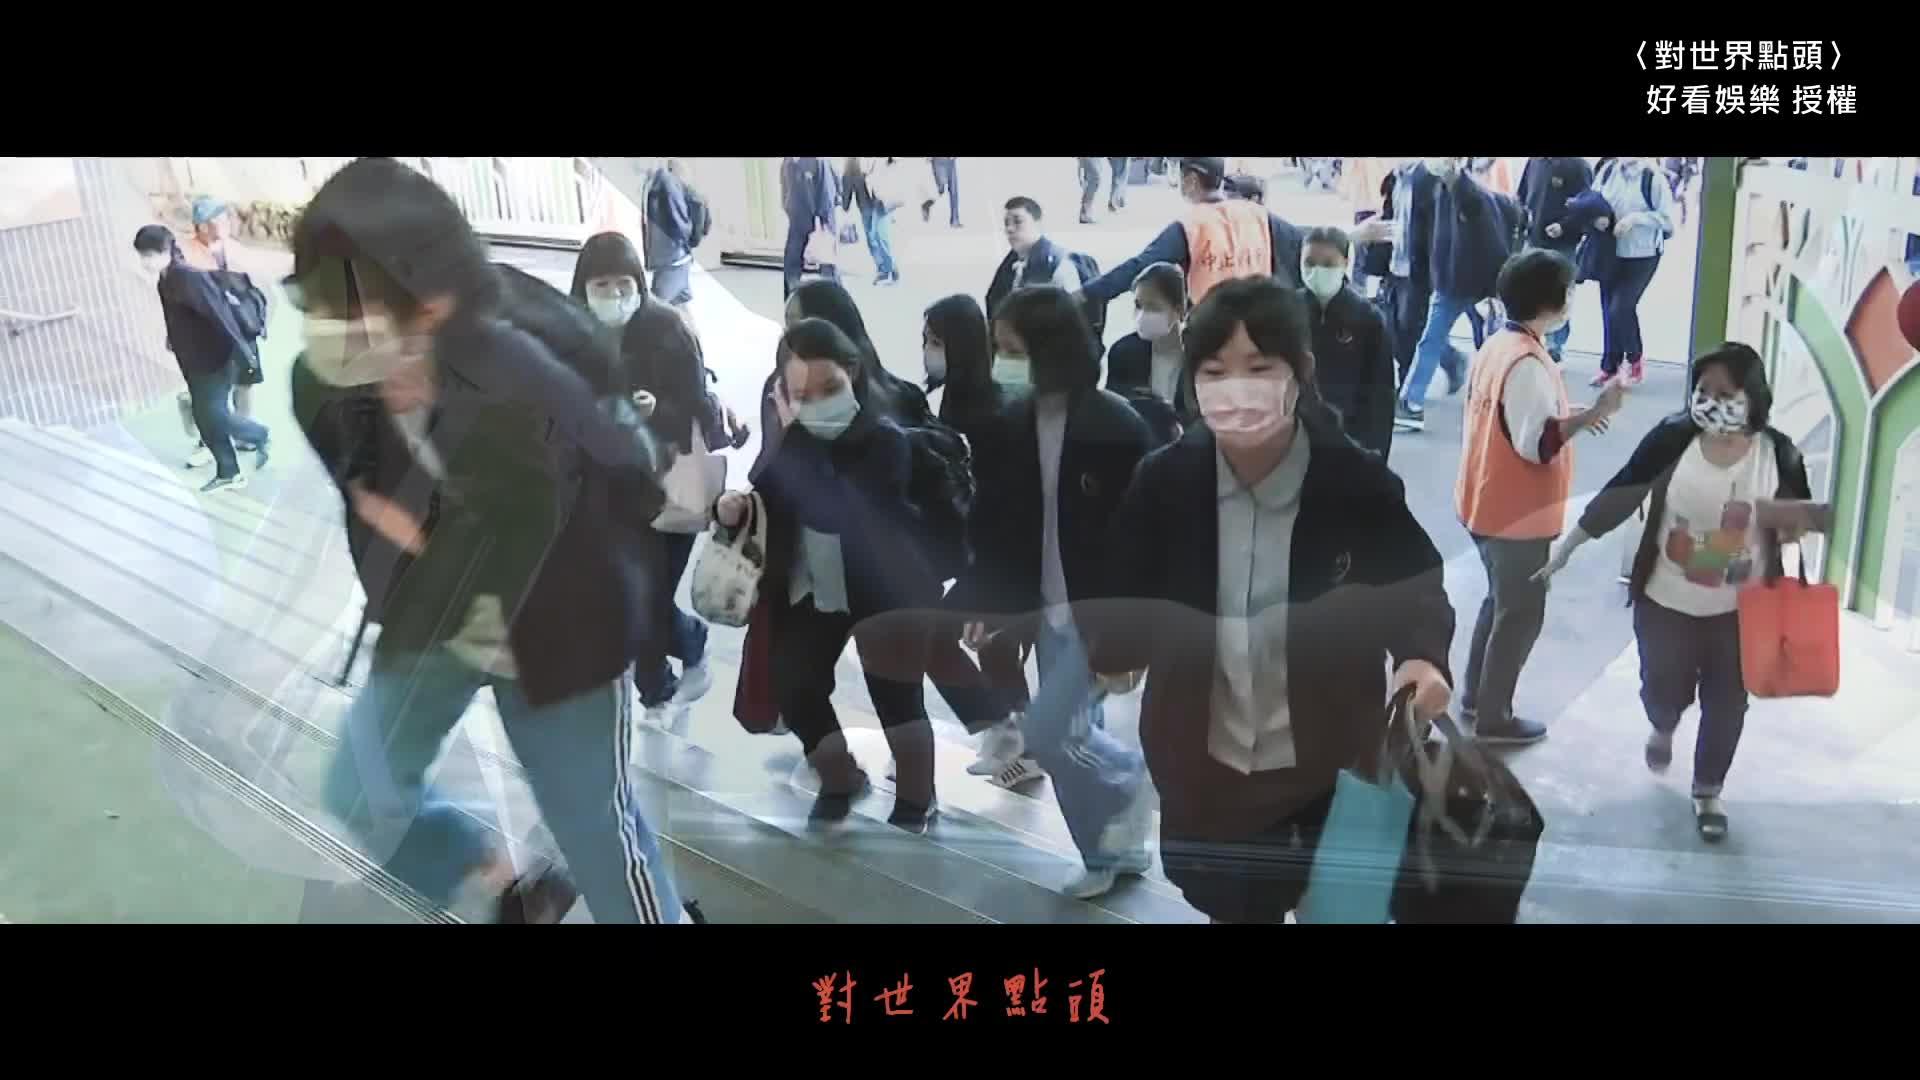 《全明星》抗疫合唱 27道星芒獻聲為台灣打氣|鏡週刊